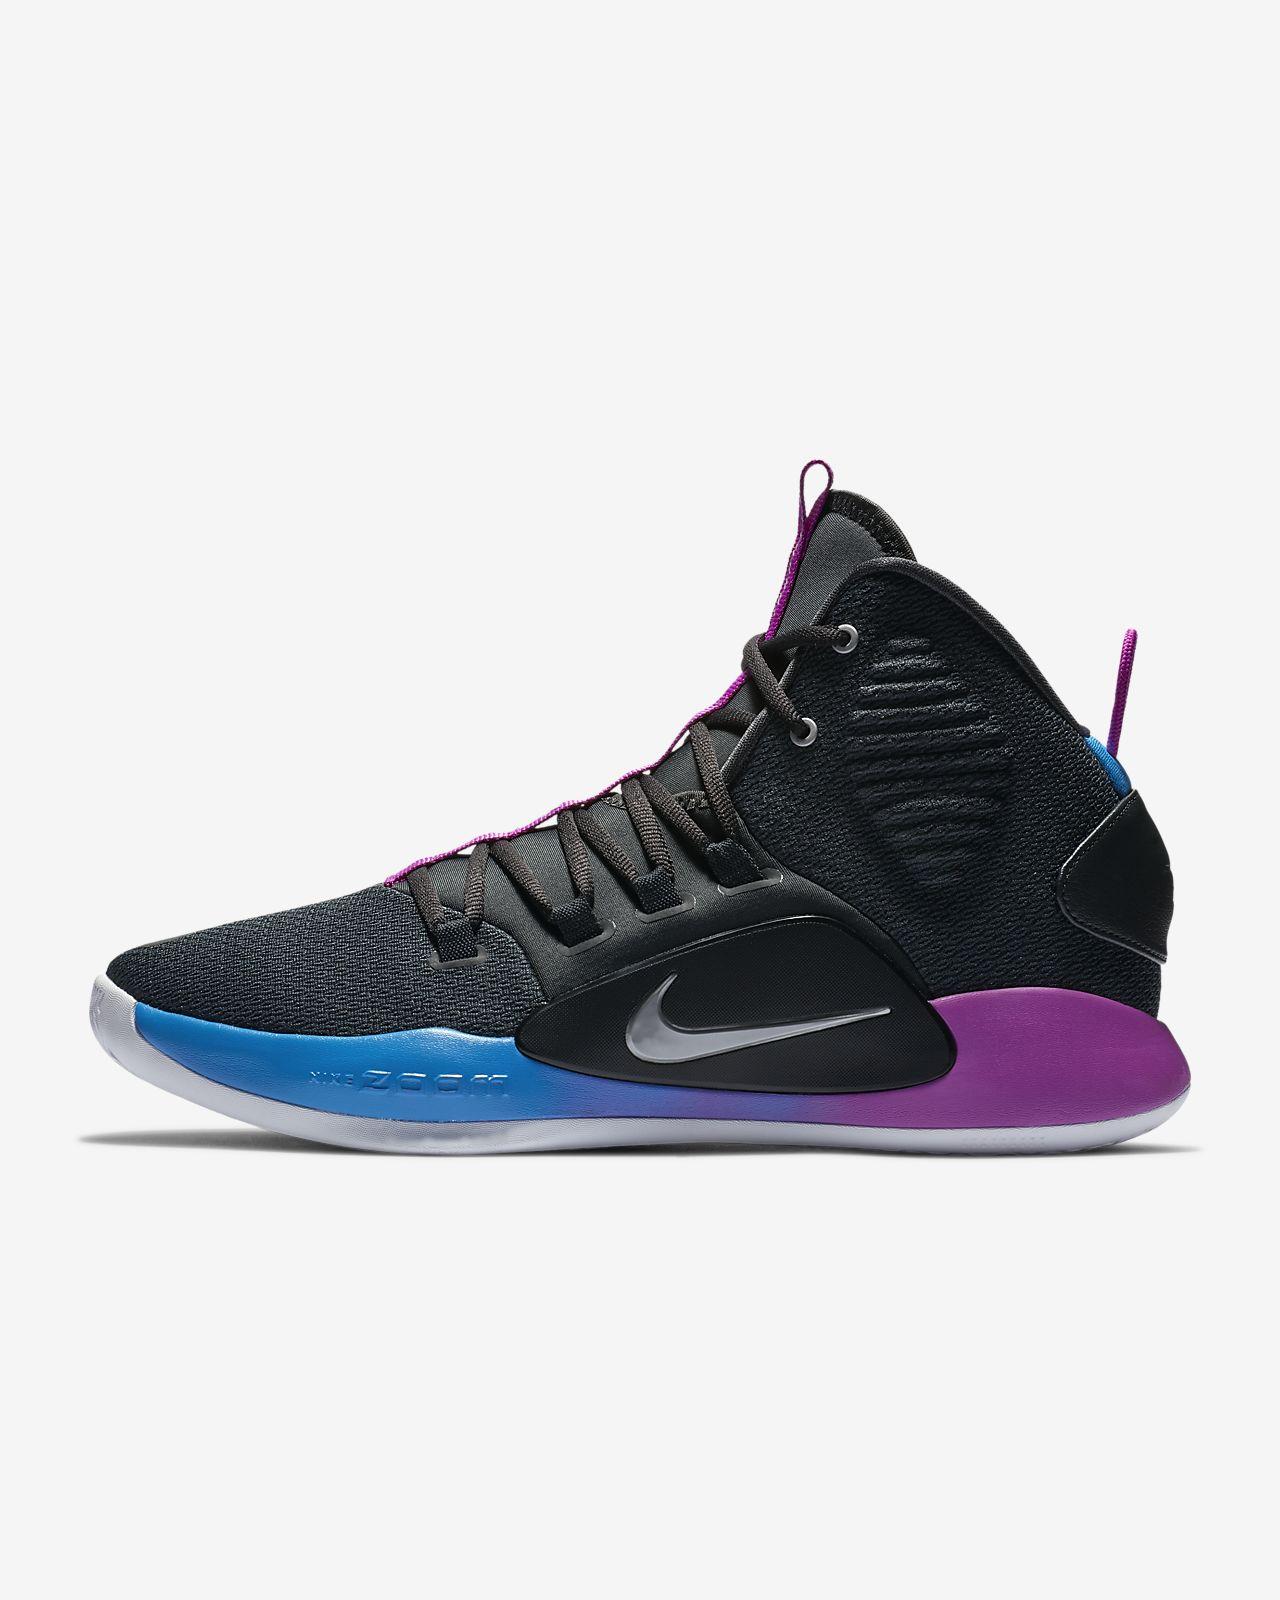 รองเท้าบาสเก็ตบอล Nike Hyperdunk X